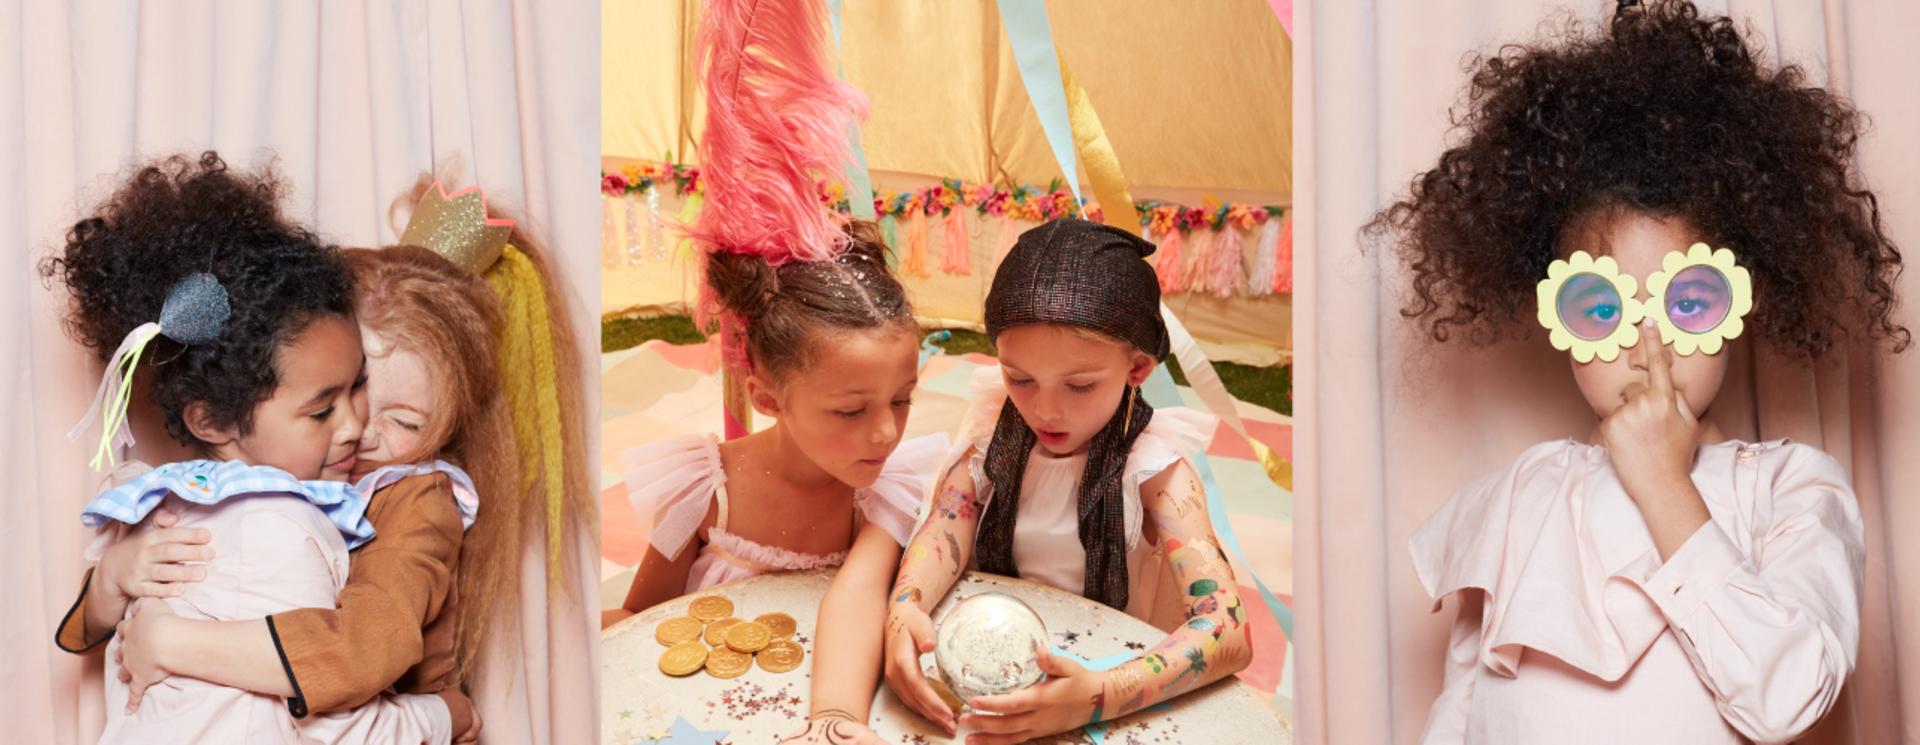 Verjaardag versiering voor meisjes